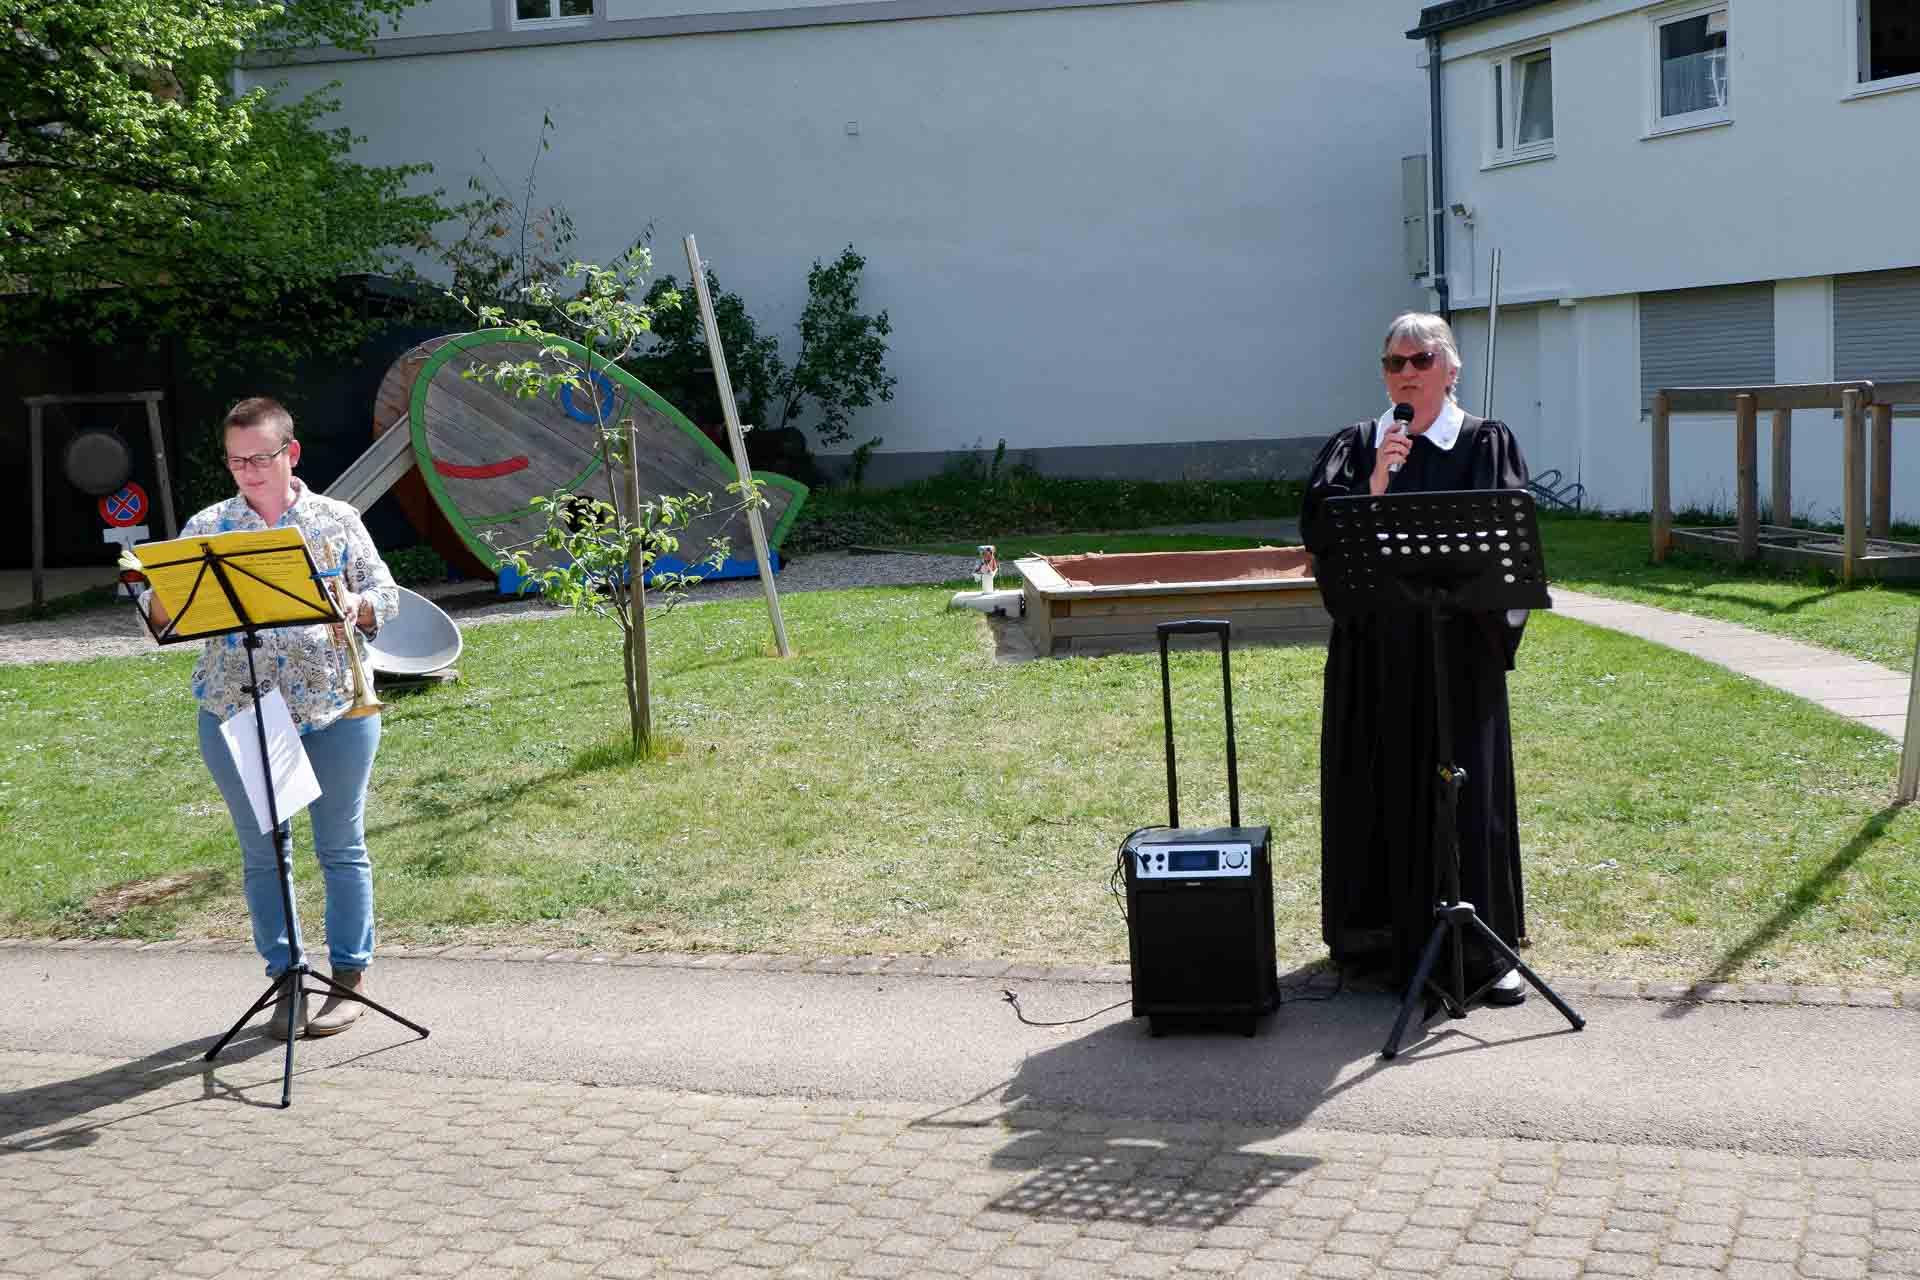 2020-04-17-Gottesdienst-im-Freien-Evangelisches-Stift-Freiburg-1920px-9718